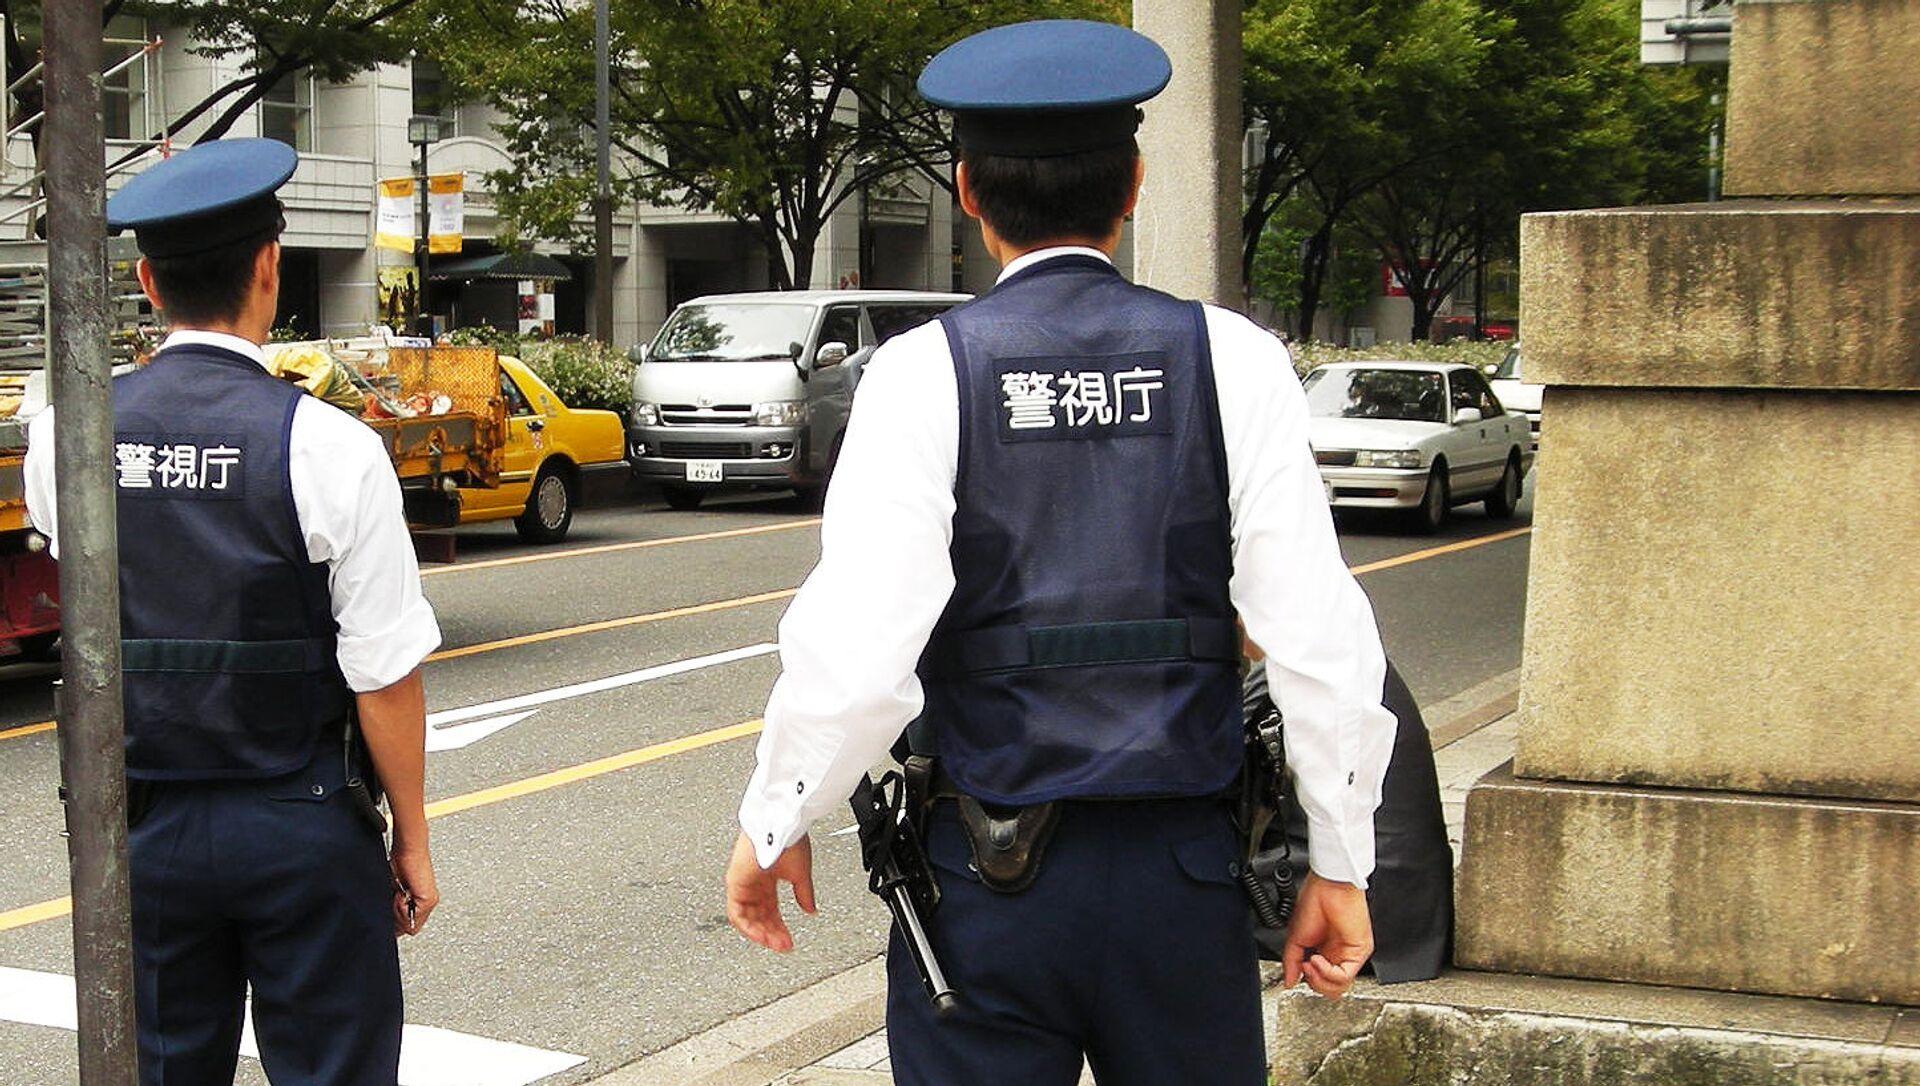 日本警察 - Sputnik 日本, 1920, 28.06.2021